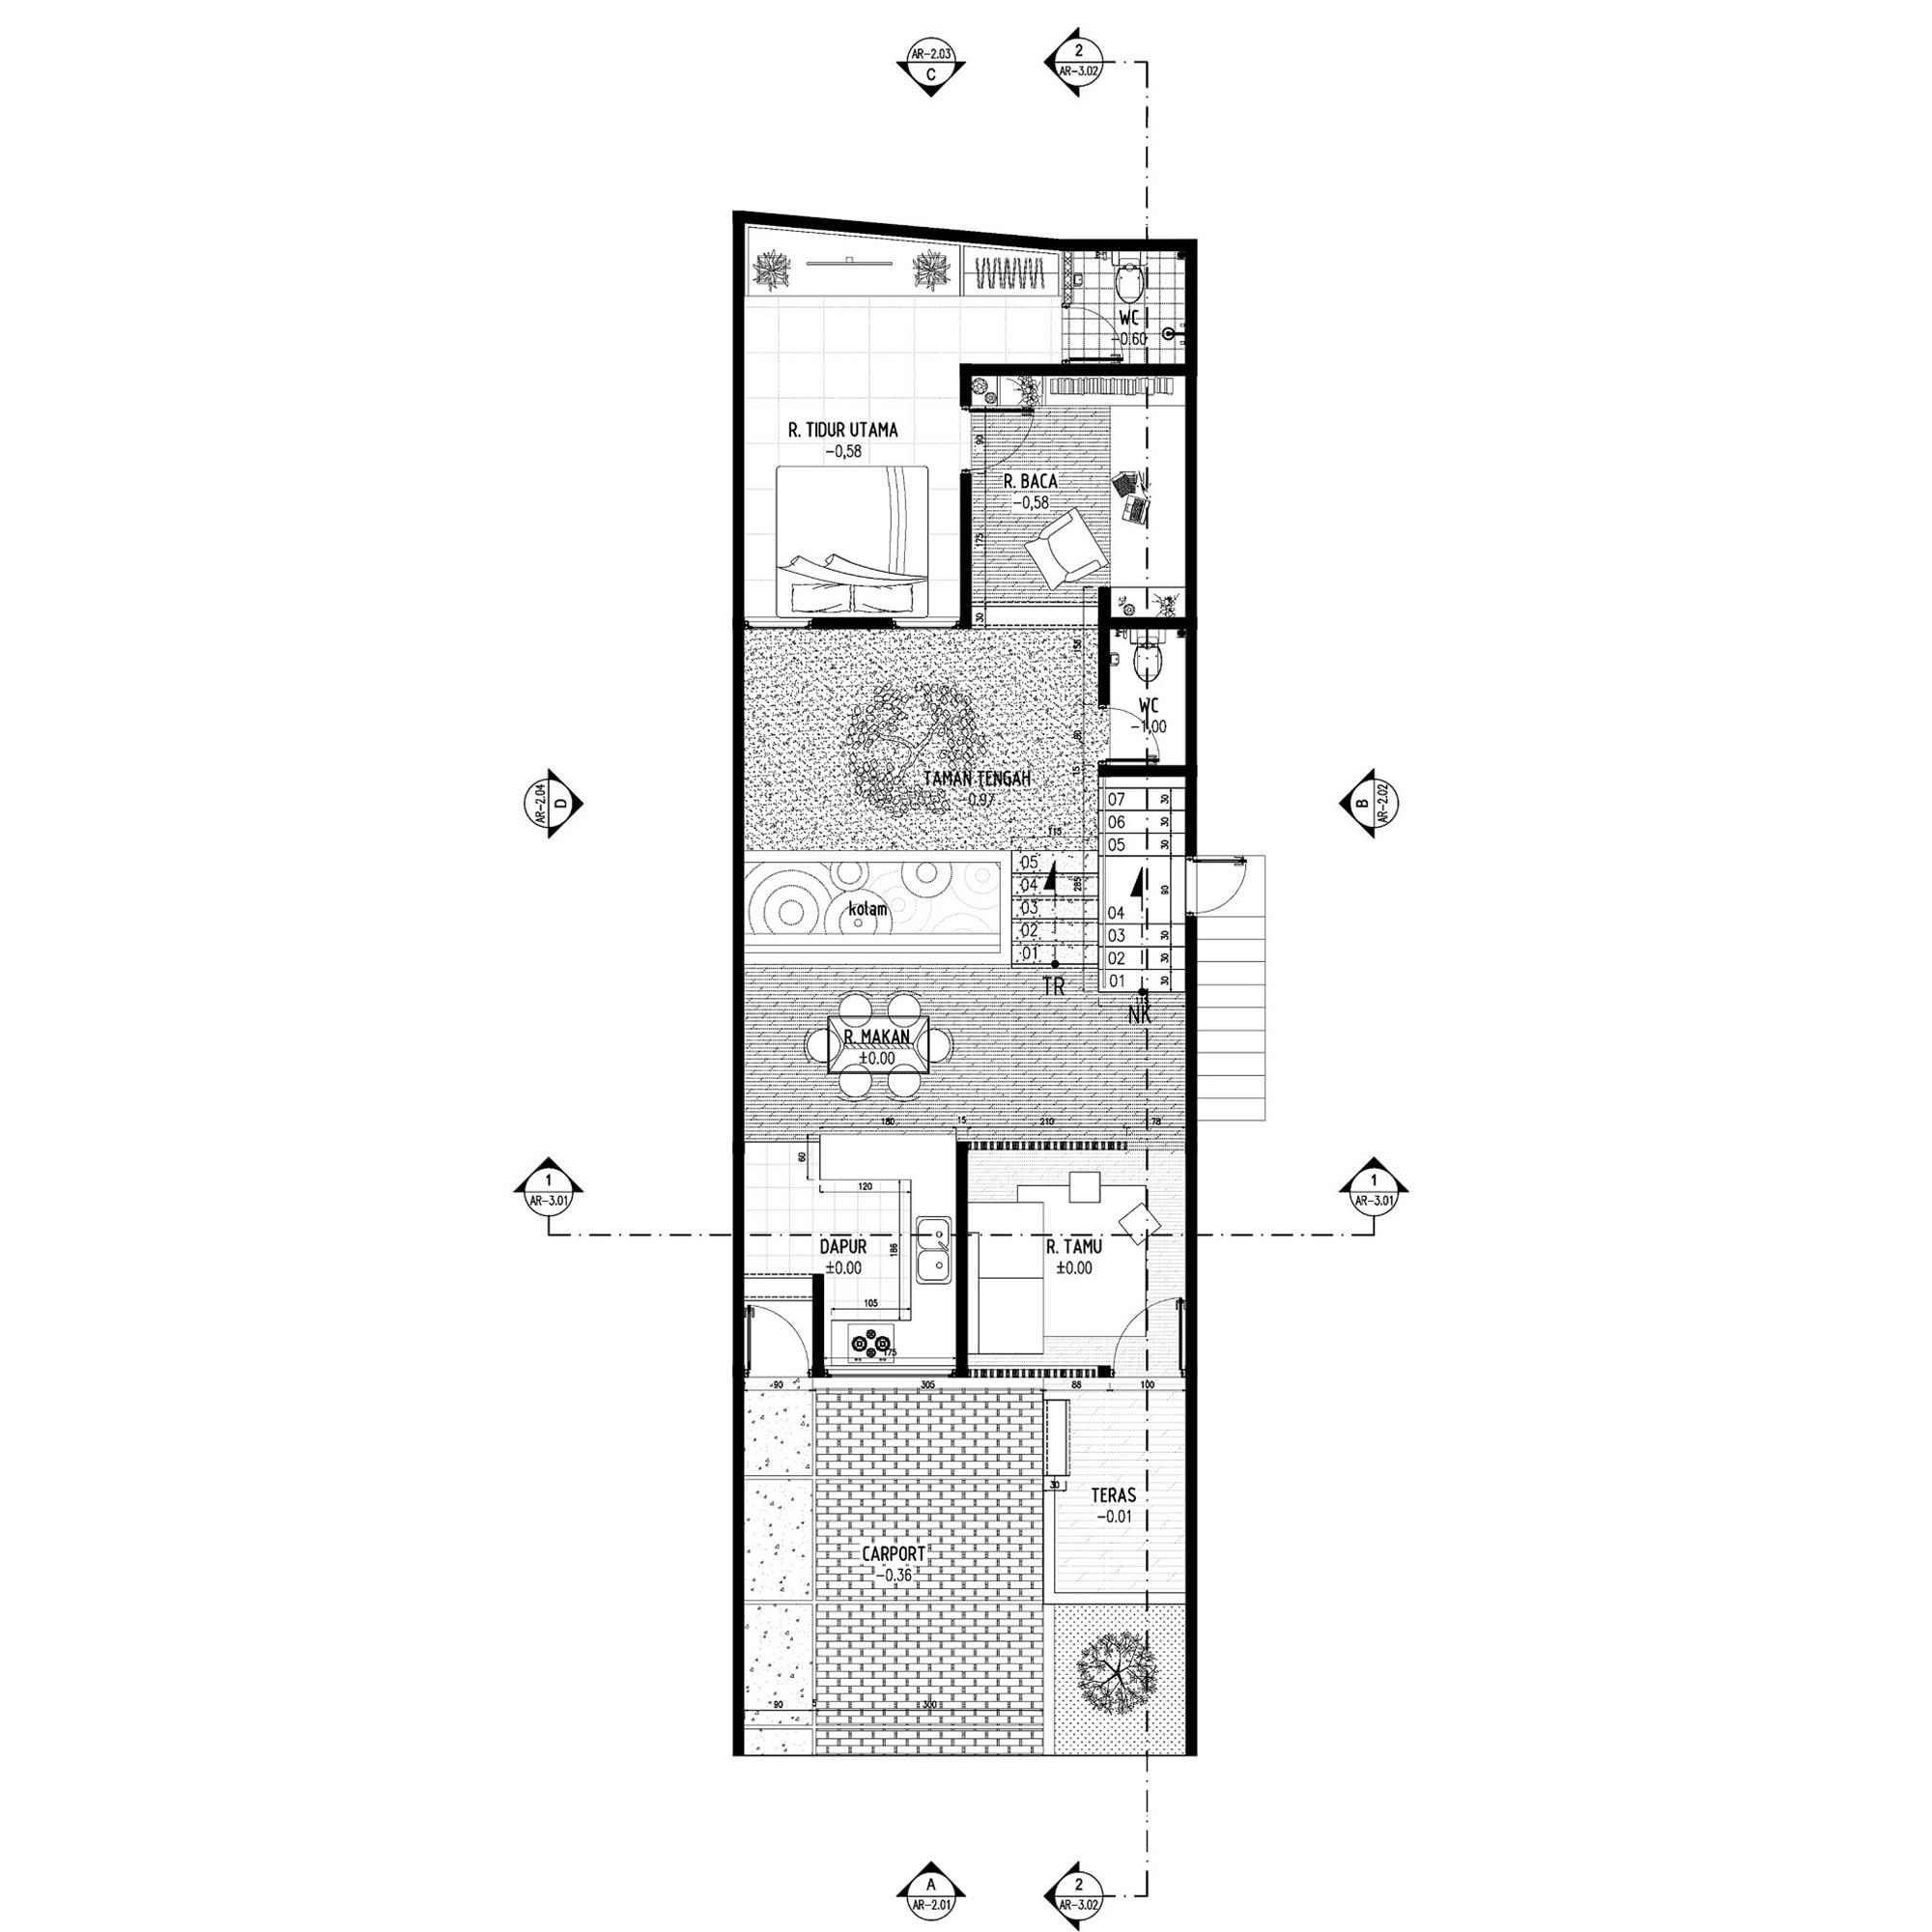 J N BOARDING HOUSE - UPLOAD WEB - 308PER188 (5)